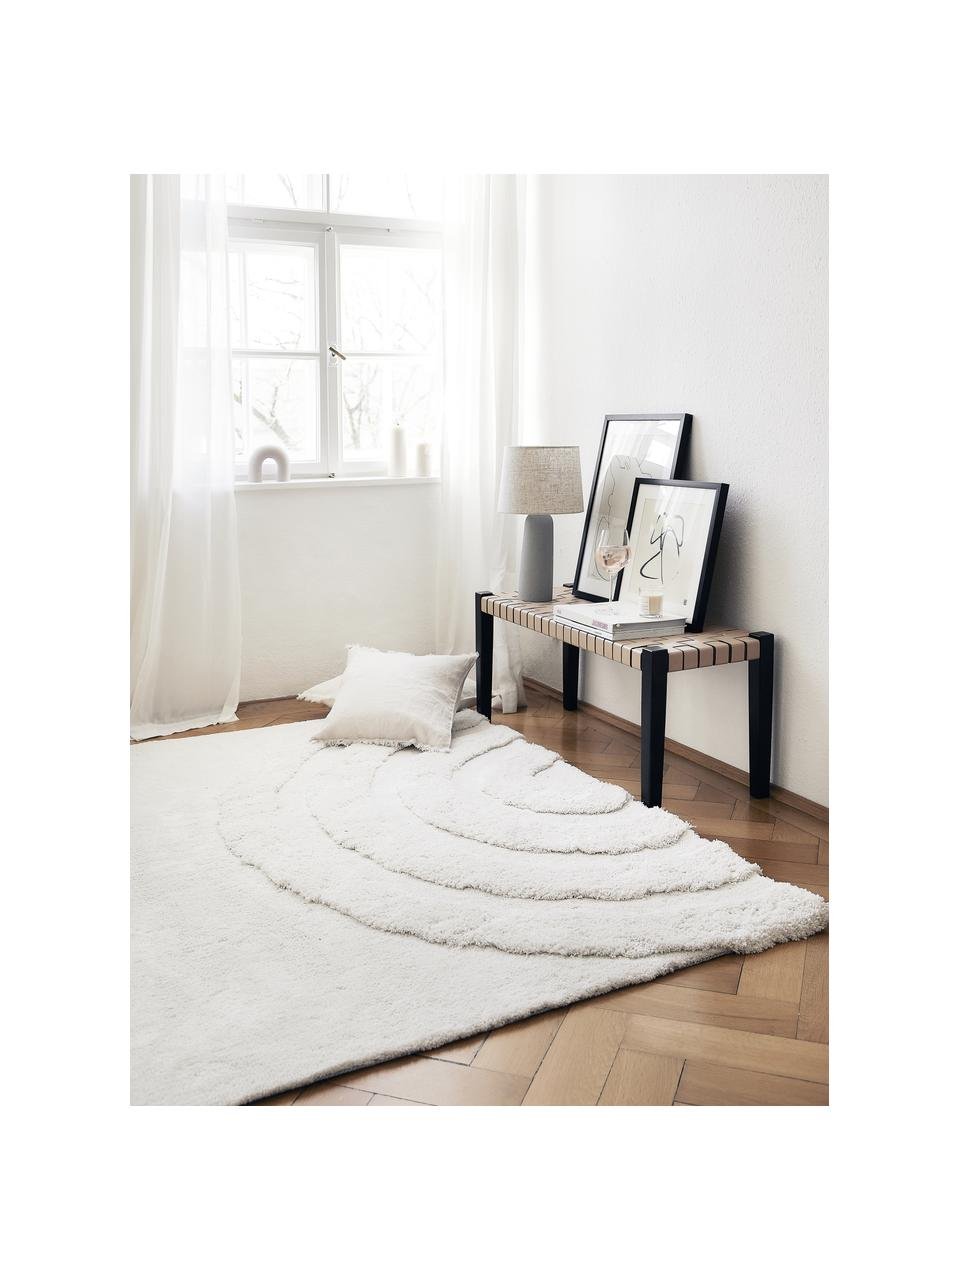 Puszysty dywan Rubbie, Beżowy, S 160 x D 230 cm (Rozmiar M)